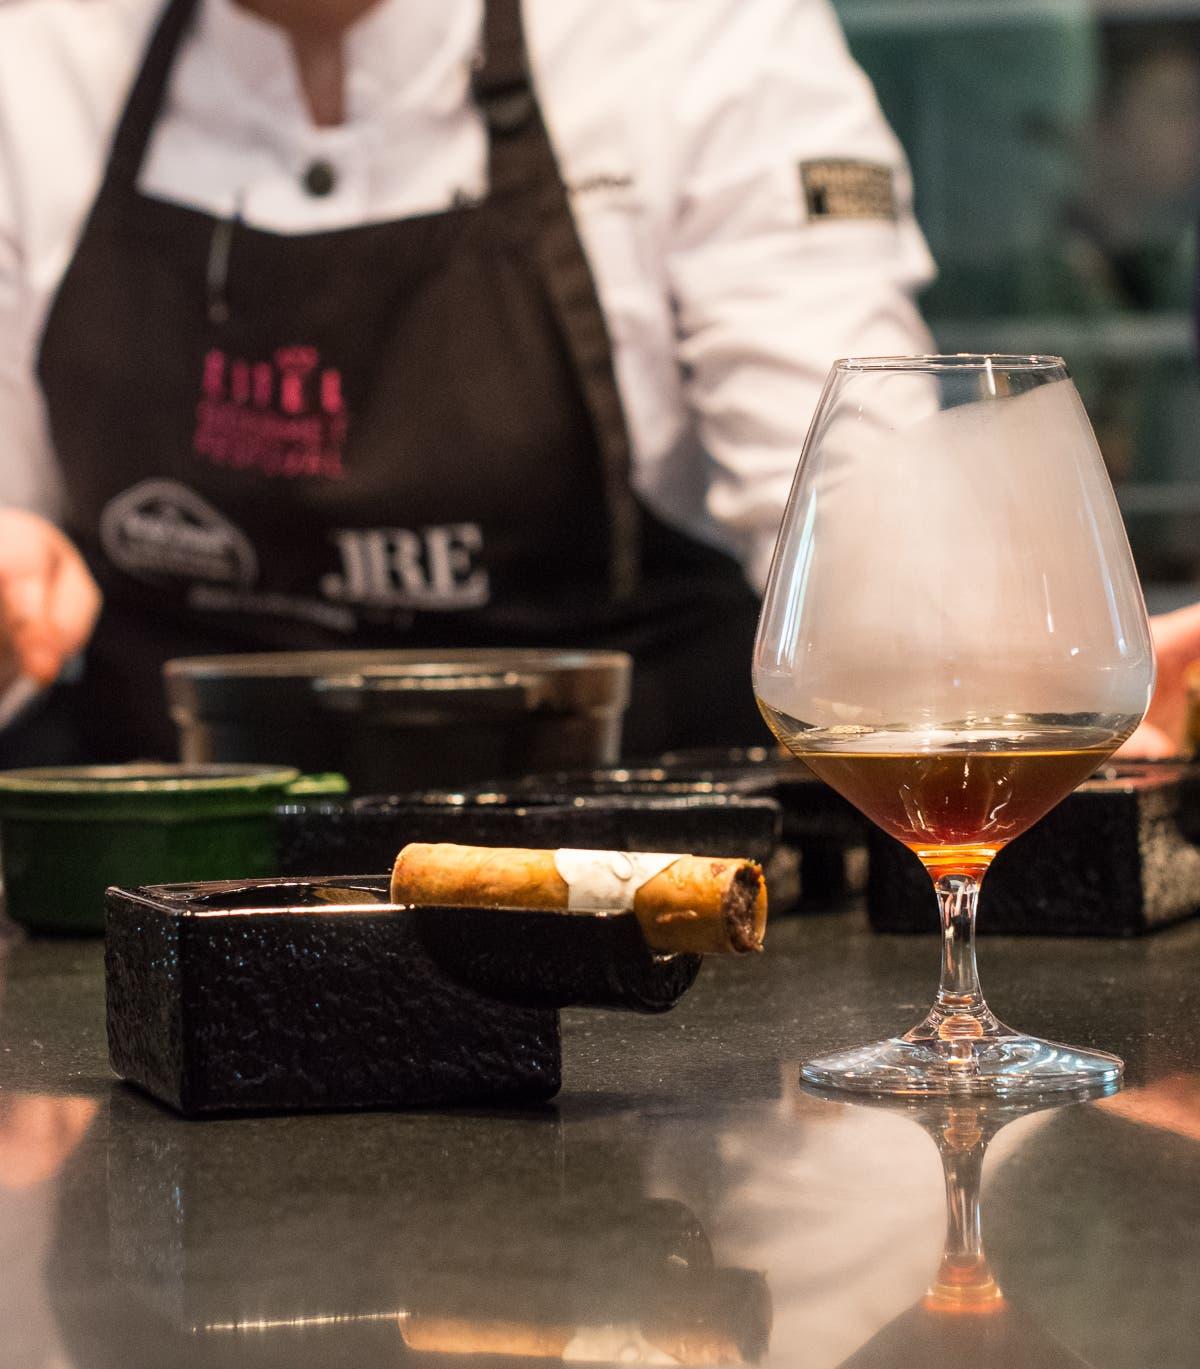 Goldene Flüssigkeit in Weinglas mit daneben liegendem Gebäck, das an Zigarre erinnert